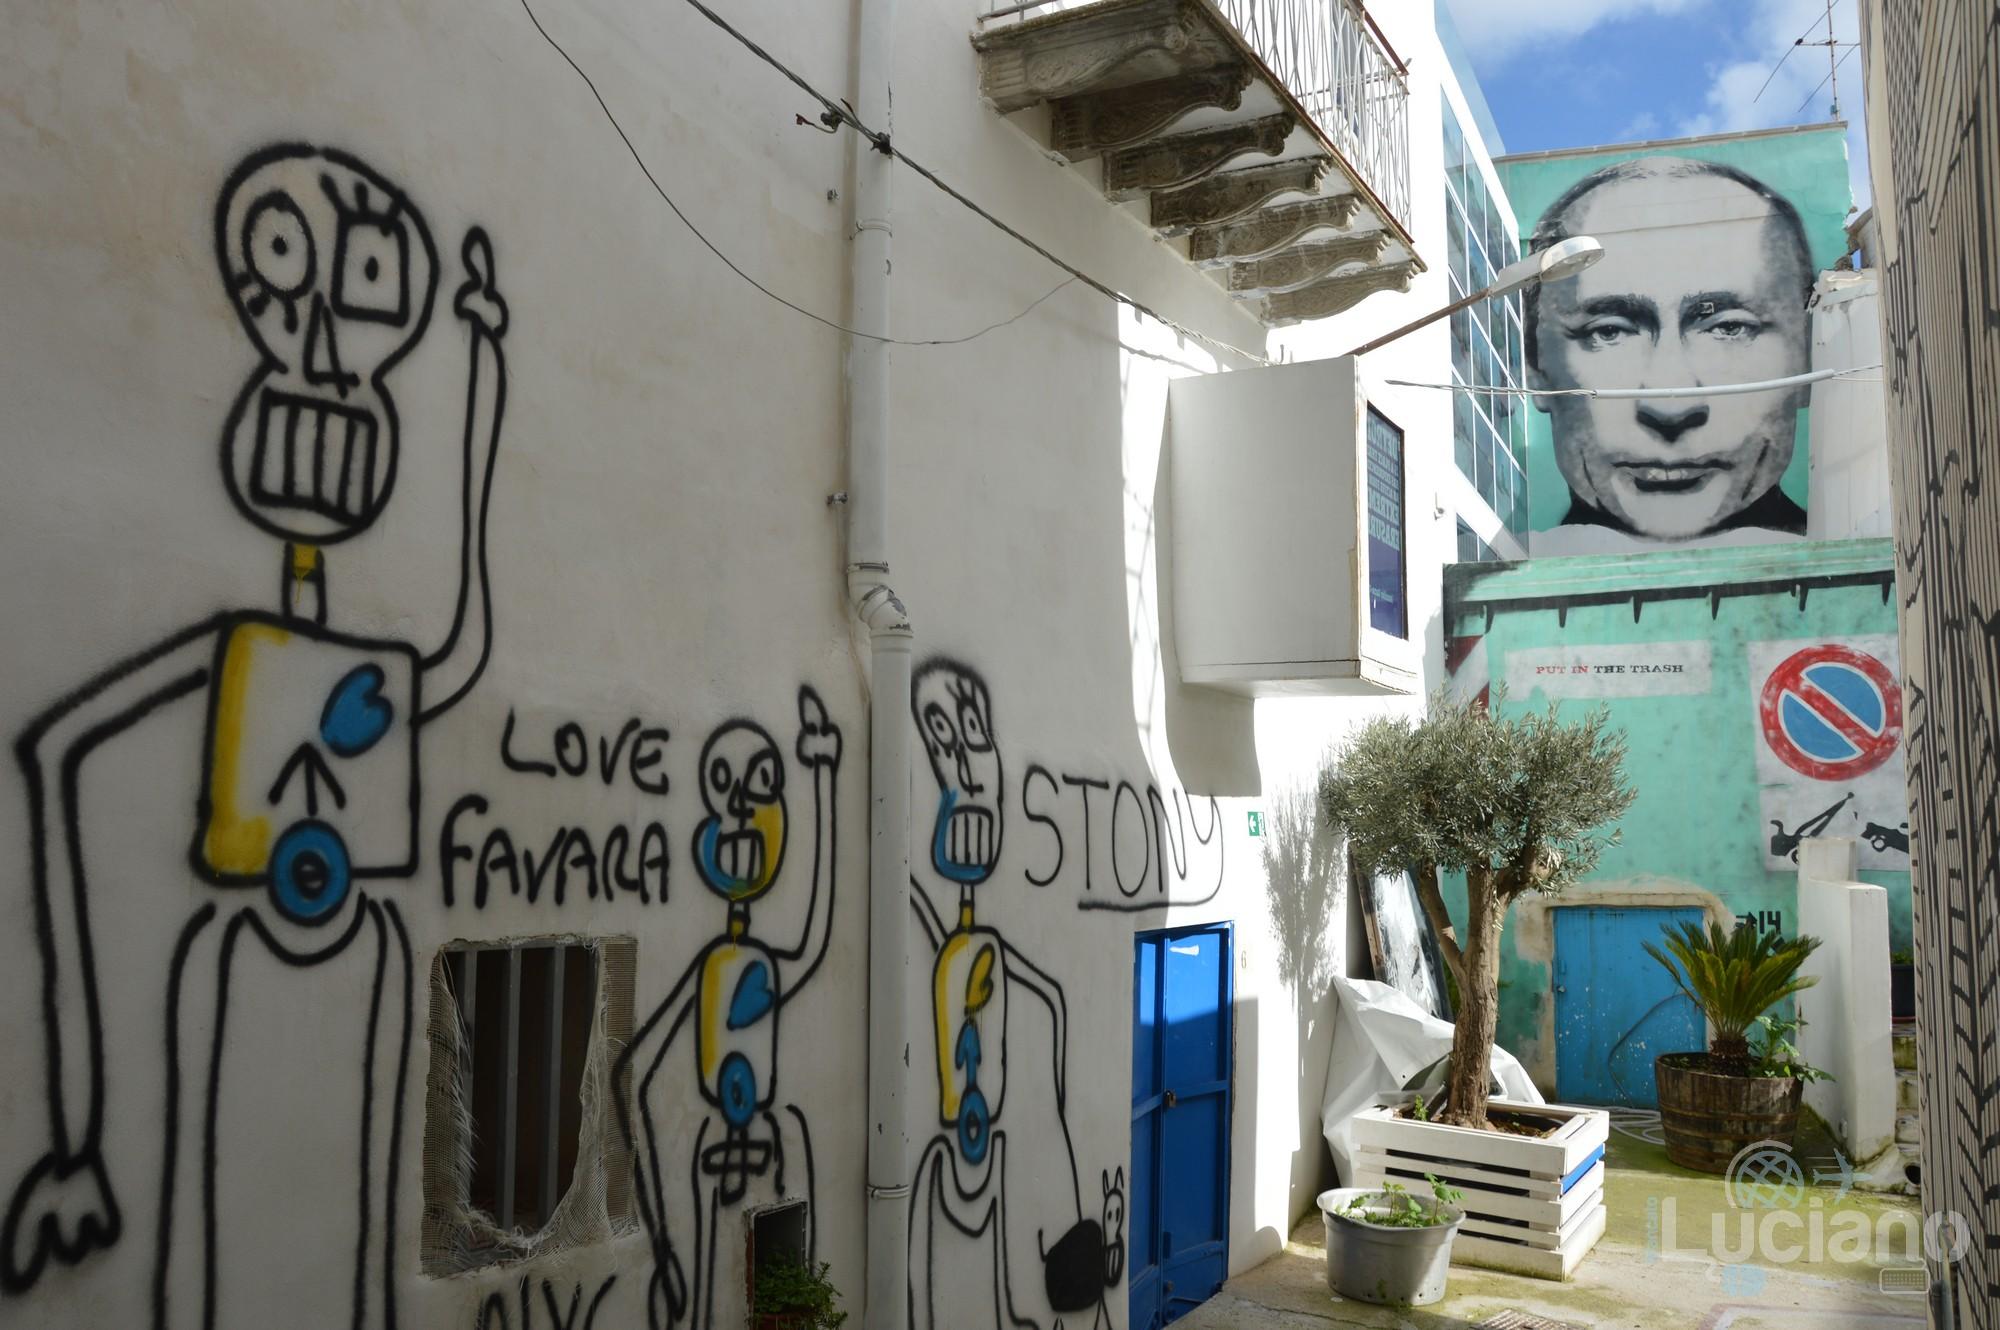 LOVE FAVARA e PUT IN THE TRASH per le vie del per le vie del Farm Cultural Park a Favara (AG)